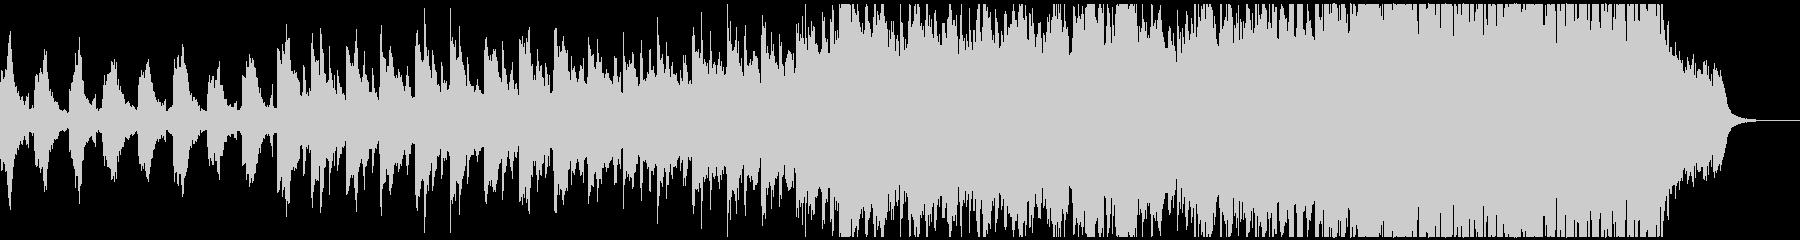 ピアノとストリングスの幻想的な曲の未再生の波形